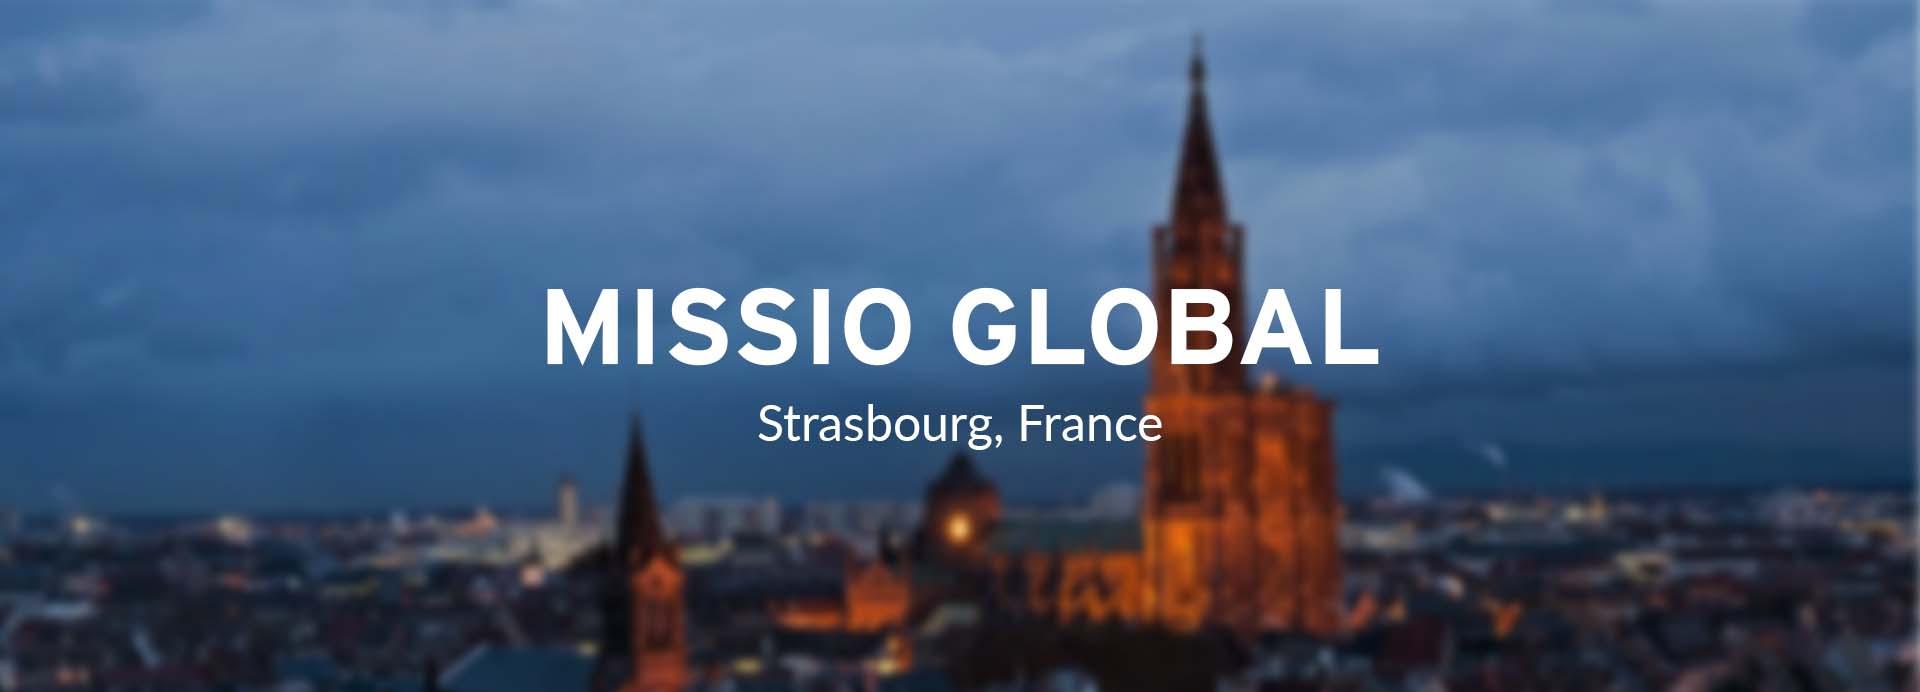 Strasbourg Banner.jpg